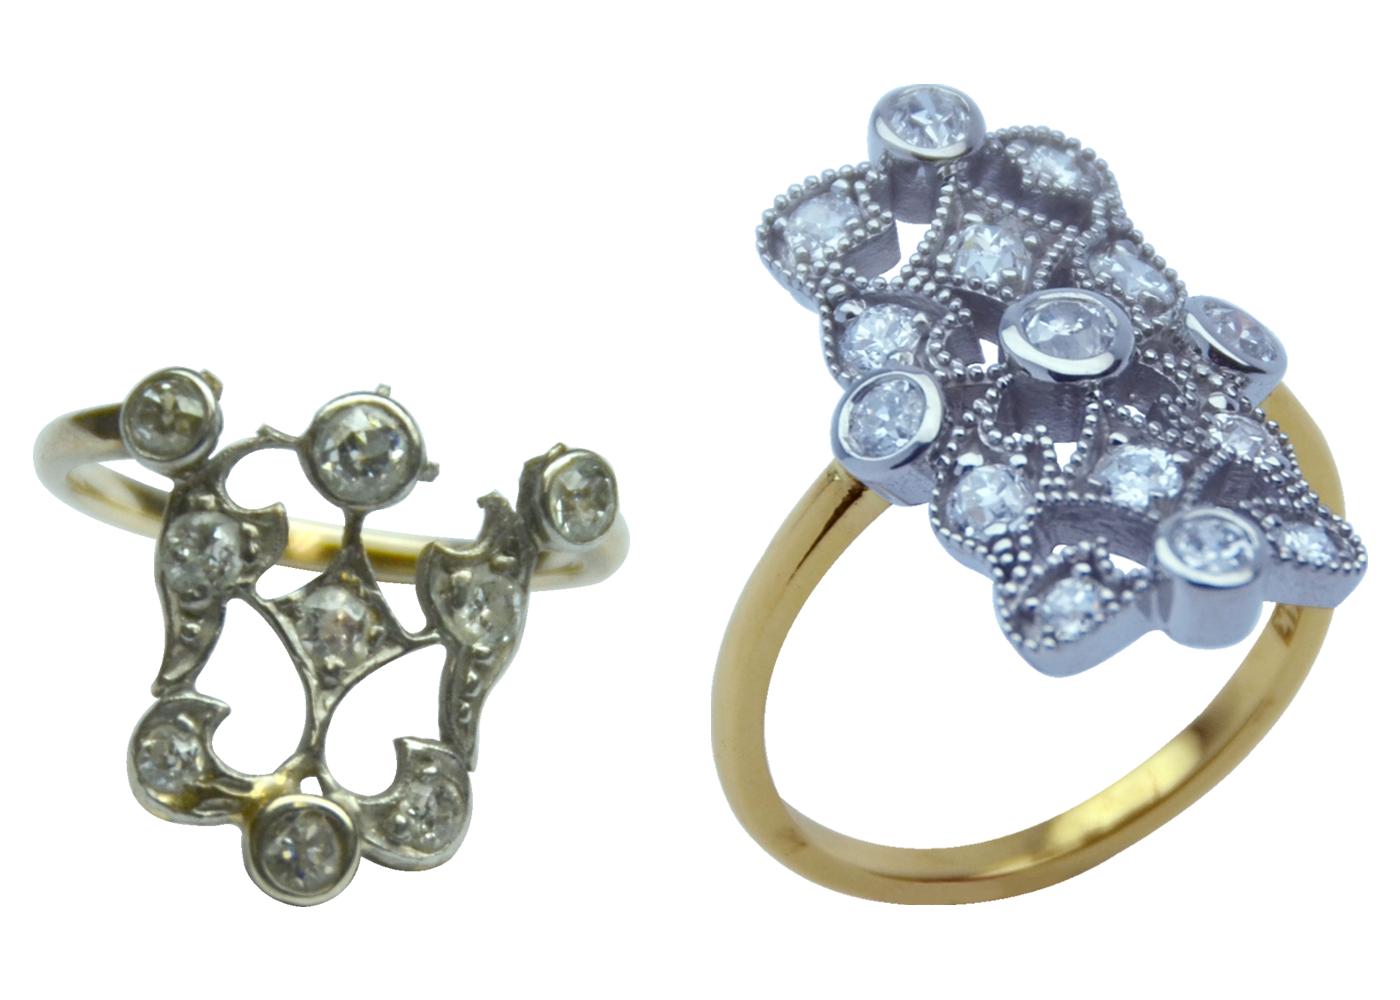 Incredible Vintage diamond Ring Rebuild!